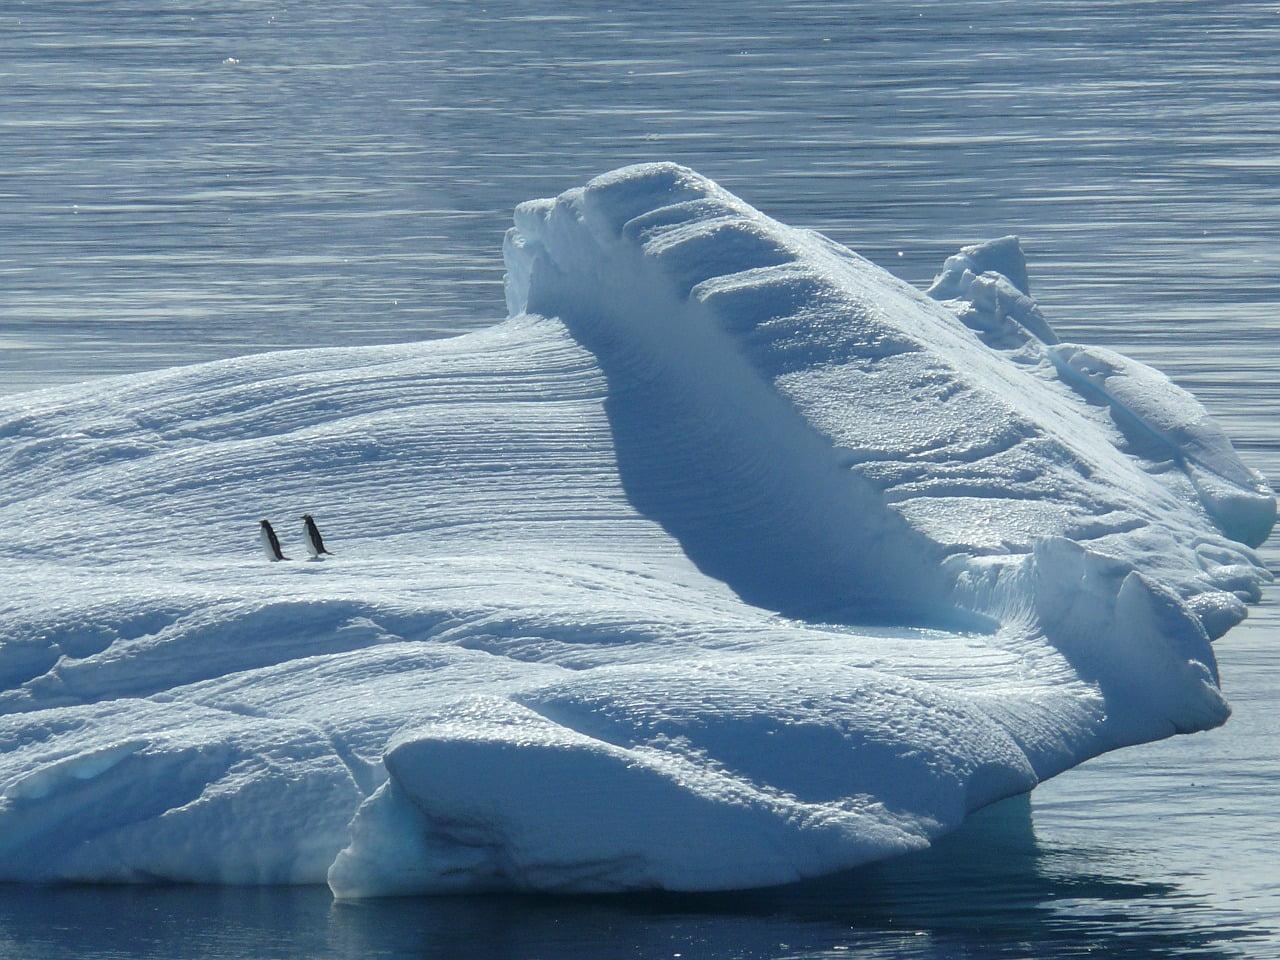 Inilah Perbedaan antara Kutub Utara dan Selatan